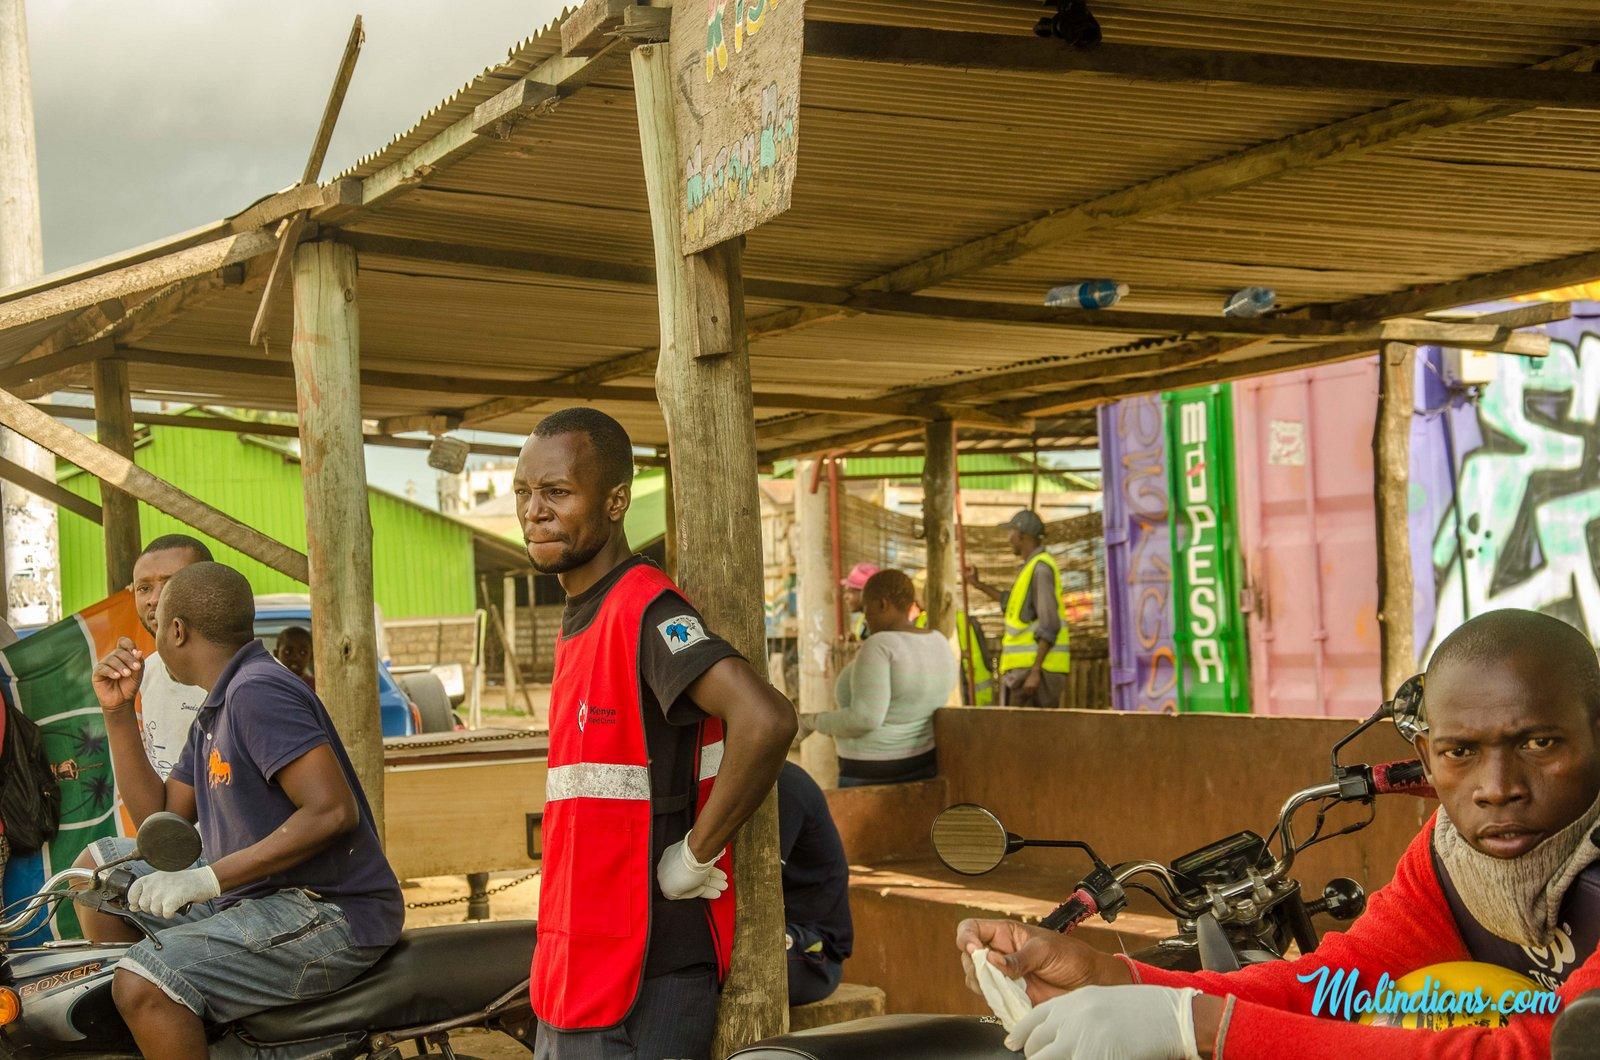 Malindi Town Clean up Kisumu Ndogo 48 - Malindi Town Clean-up in Kisumu Ndogo ( Pictorial)